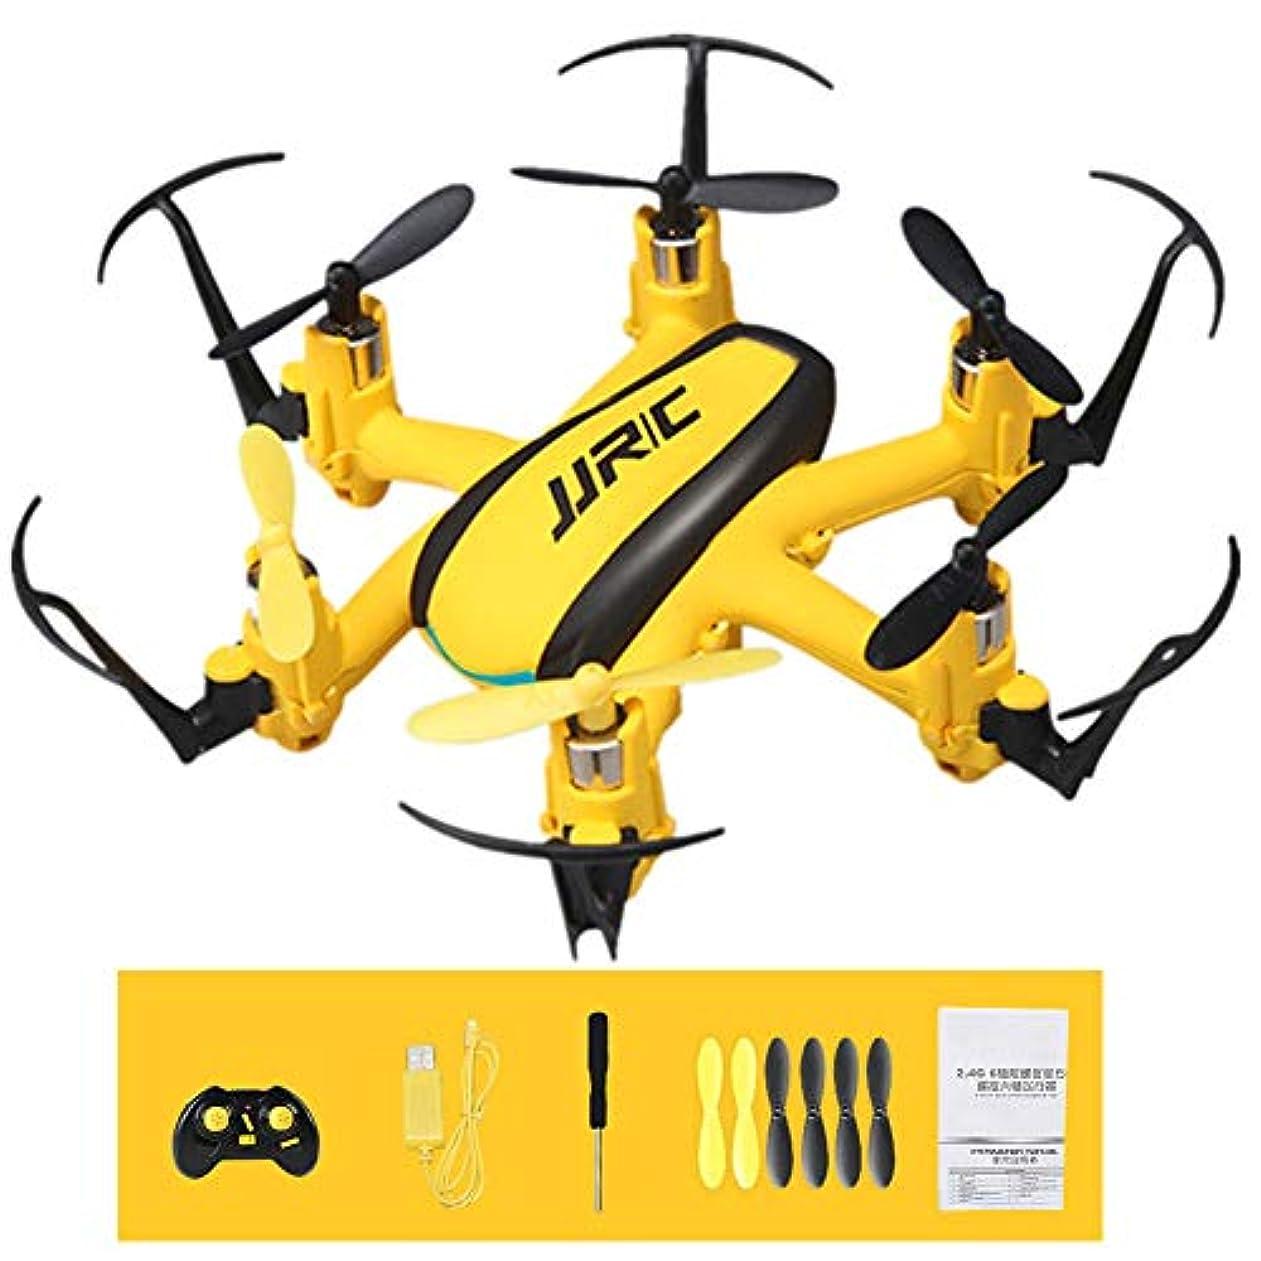 パズル会議生産的新しい到着ドローンRCヘリコプターヘキサコプター2.4G 6軸3Dフリップホールドヘッドレスモードワンキーリターンクワッドコプターおもちゃキッズ男の子女の子子供友達クリスマス誕生日ギフト8歳